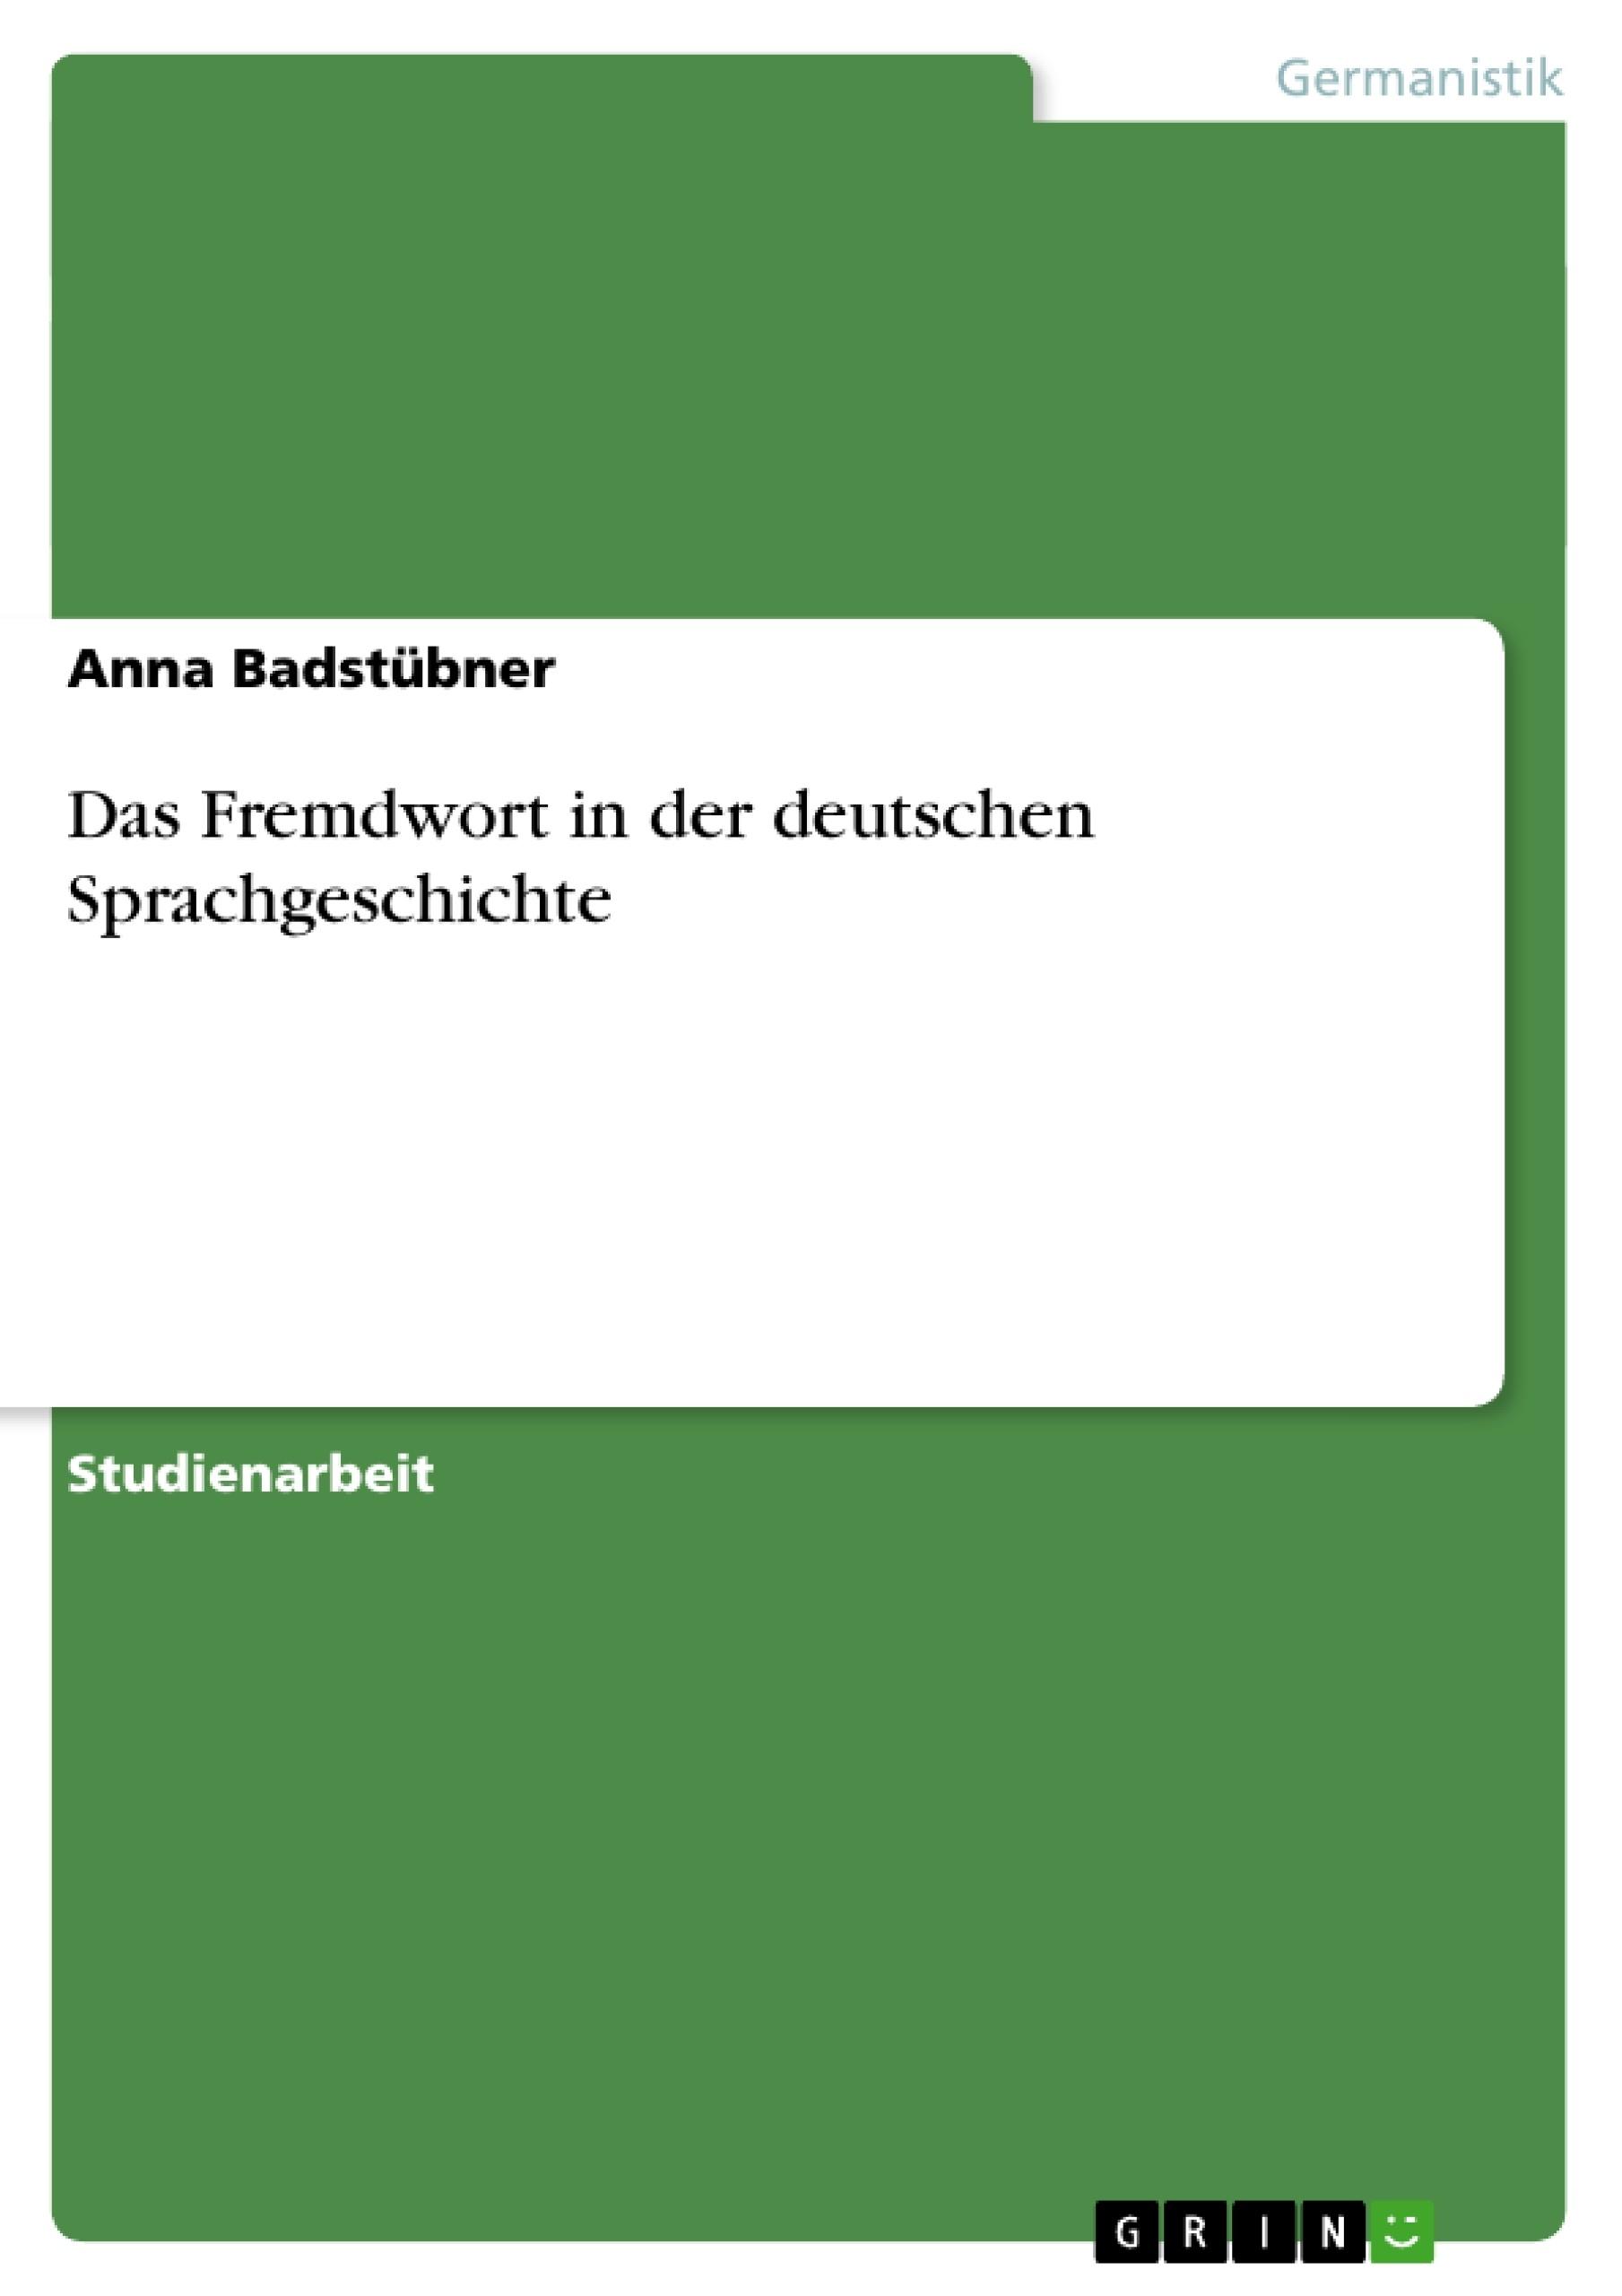 Titel: Das Fremdwort in der deutschen Sprachgeschichte